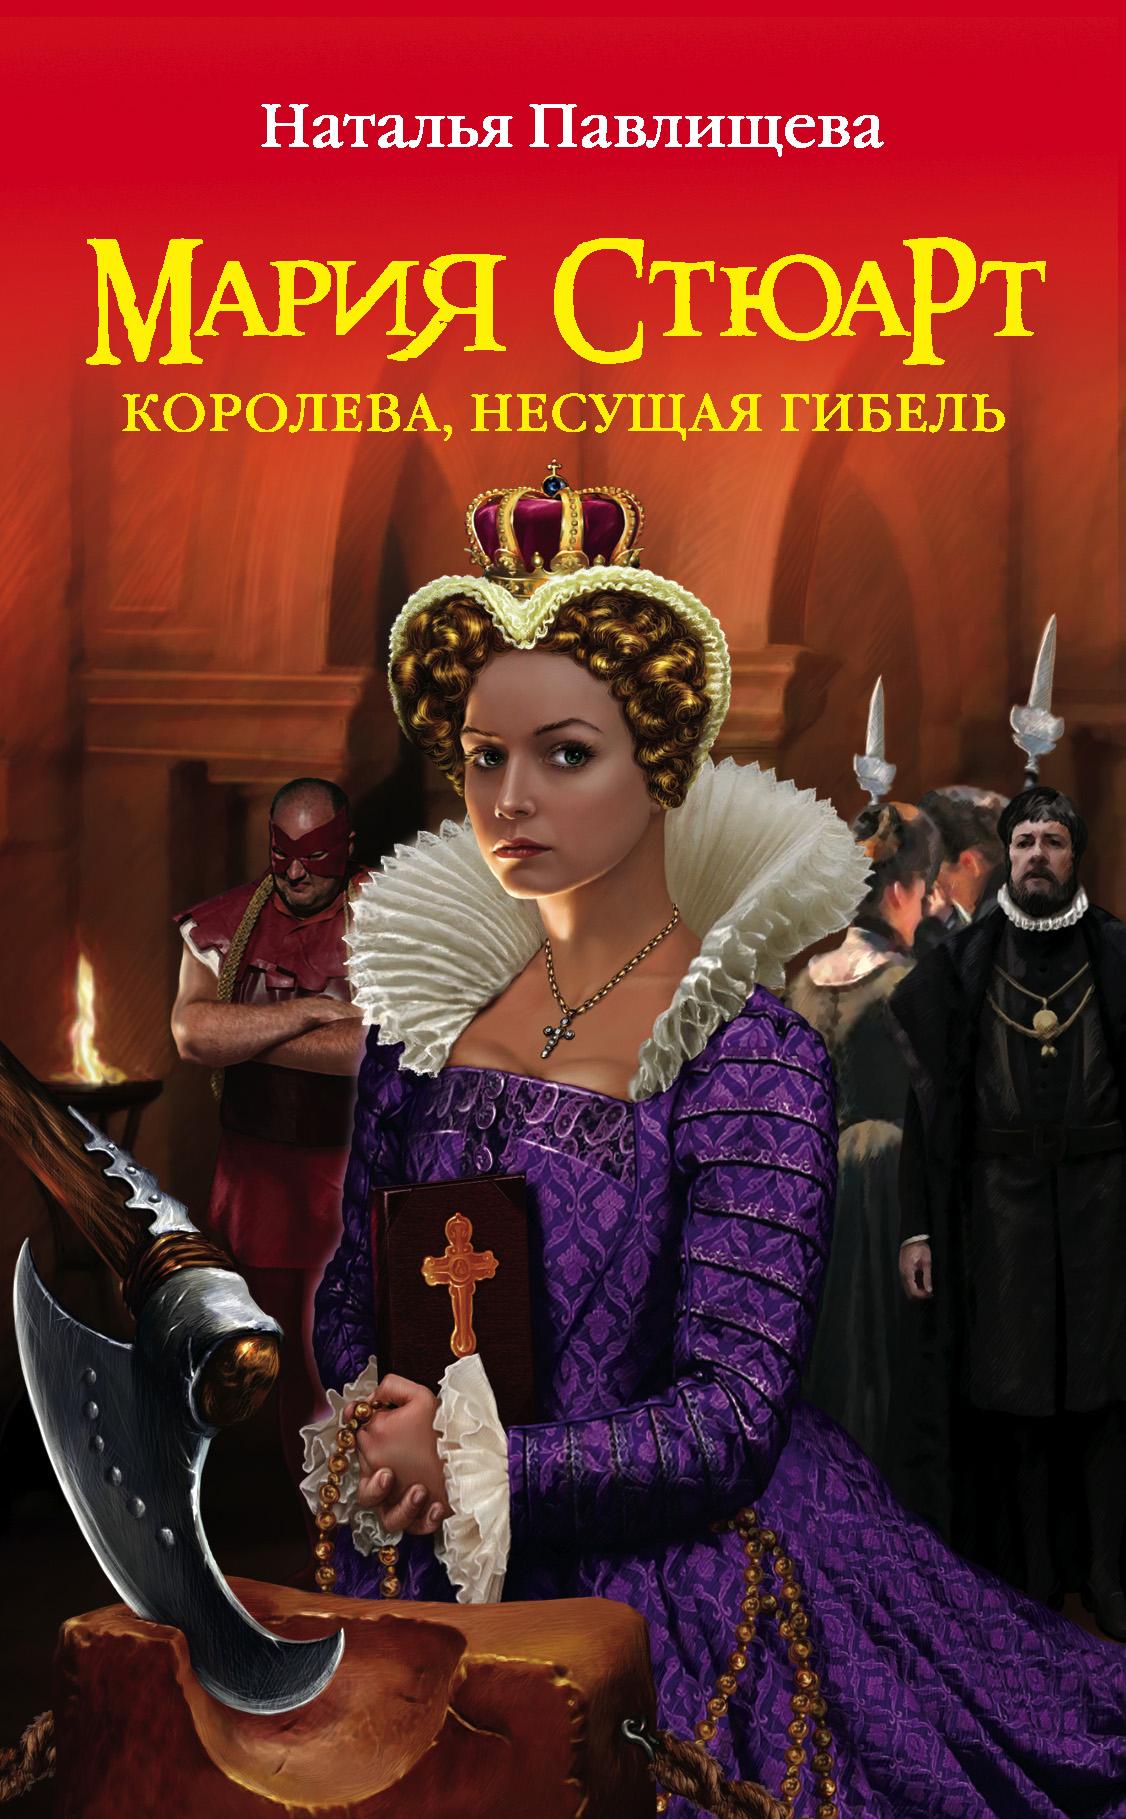 Мария Стюарт. Королева, несущая гибель ( Наталья Павлищева  )